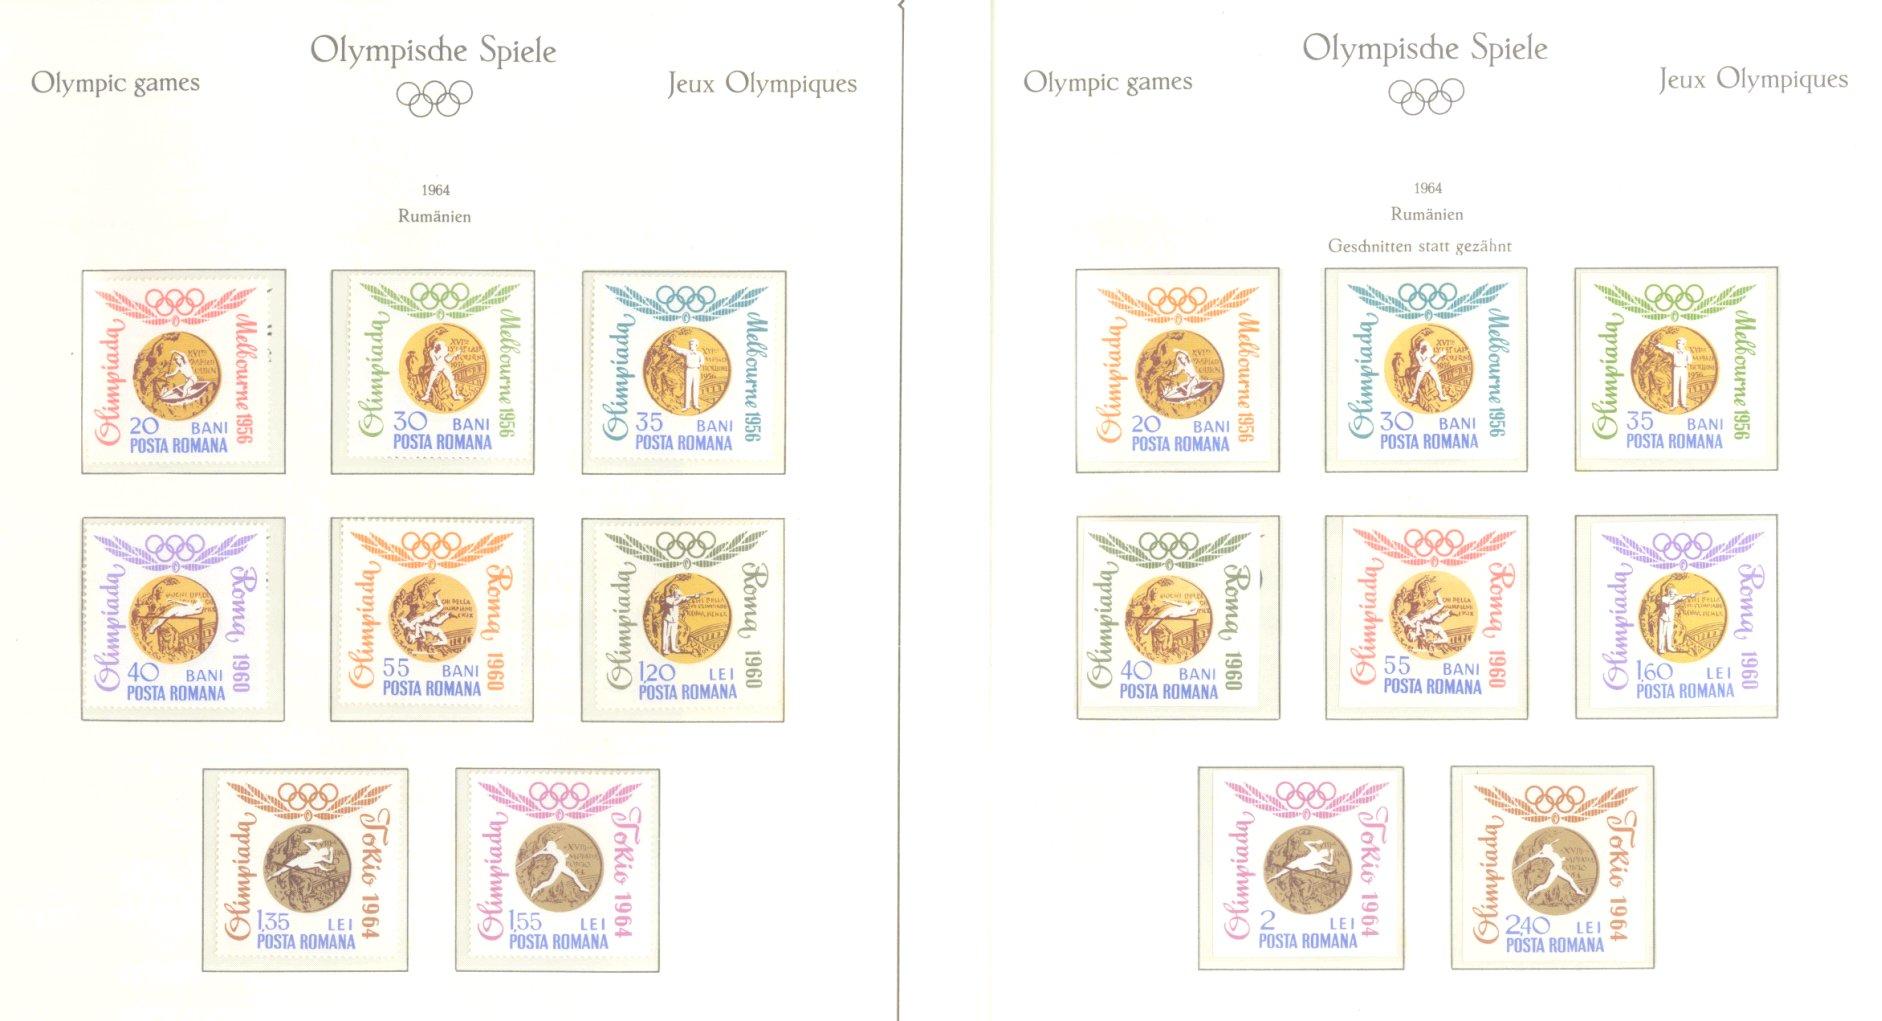 OLYMPISCHE SPIELE 1964 TOKIO, postfrische Sammlung Teil 2-31